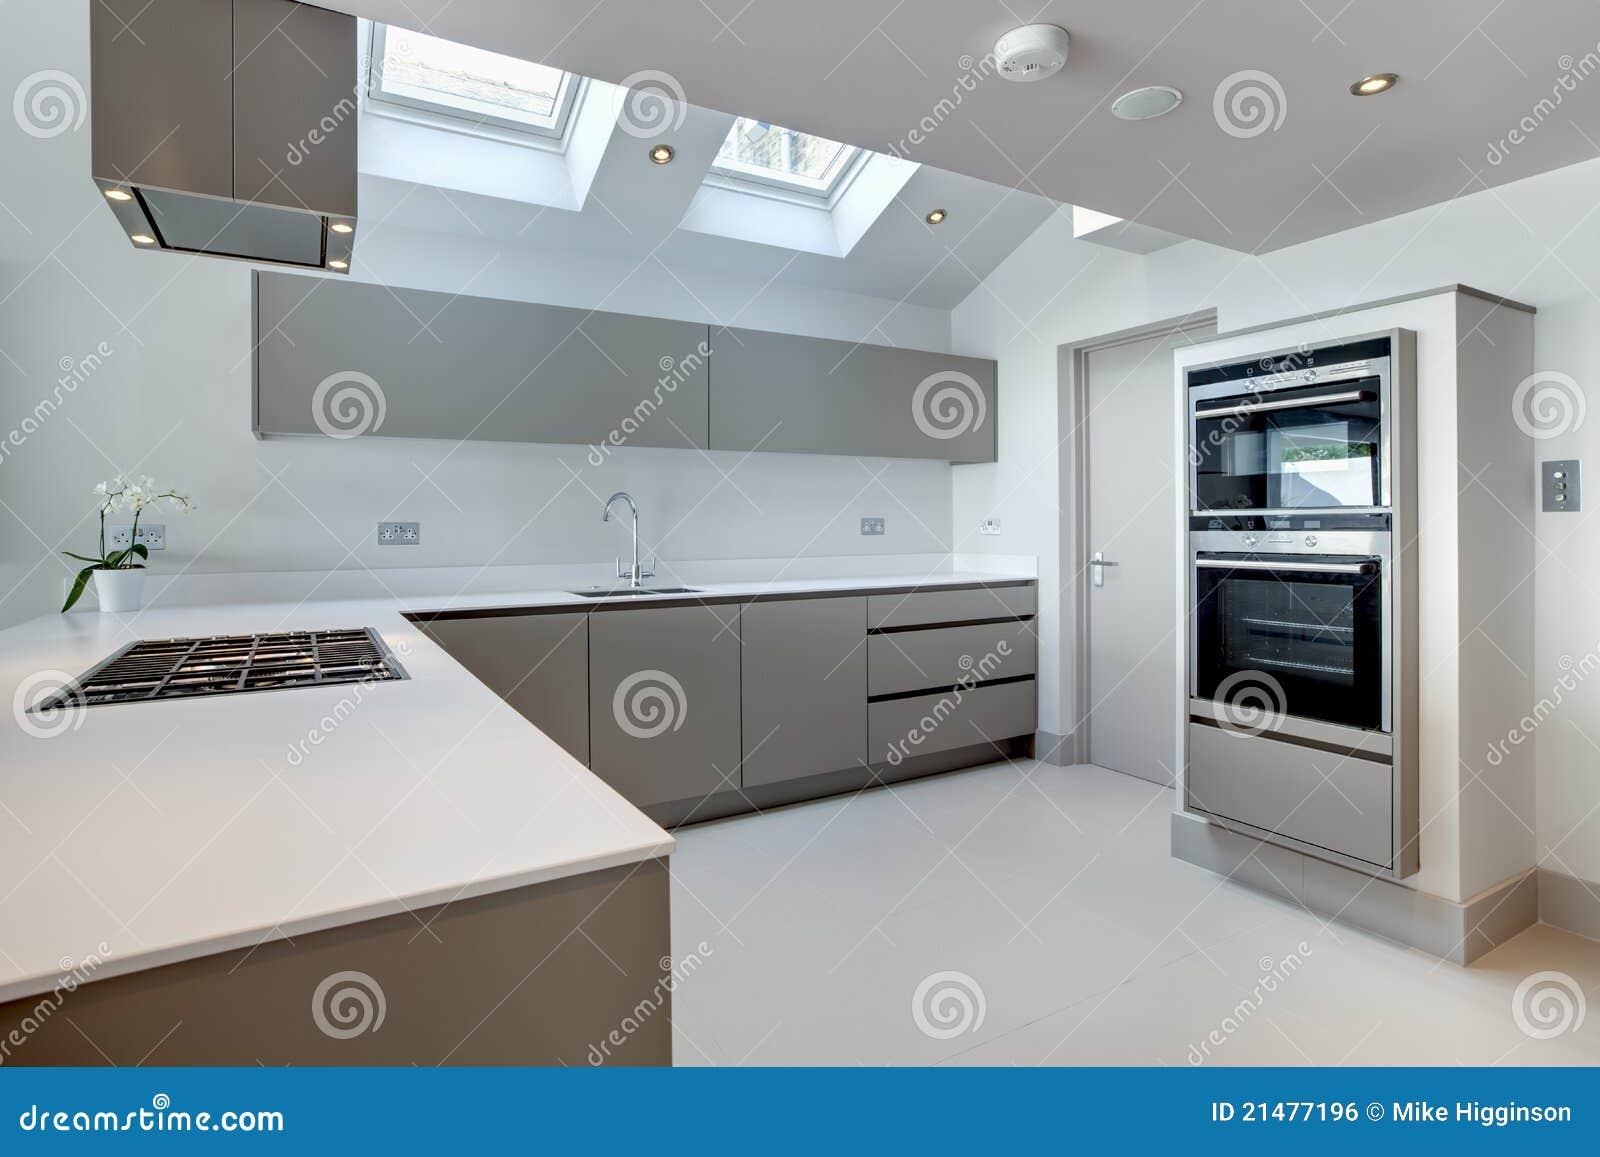 Zeitgenössische Moderne Küche Stockfoto - Bild von zeitgenössisch ...